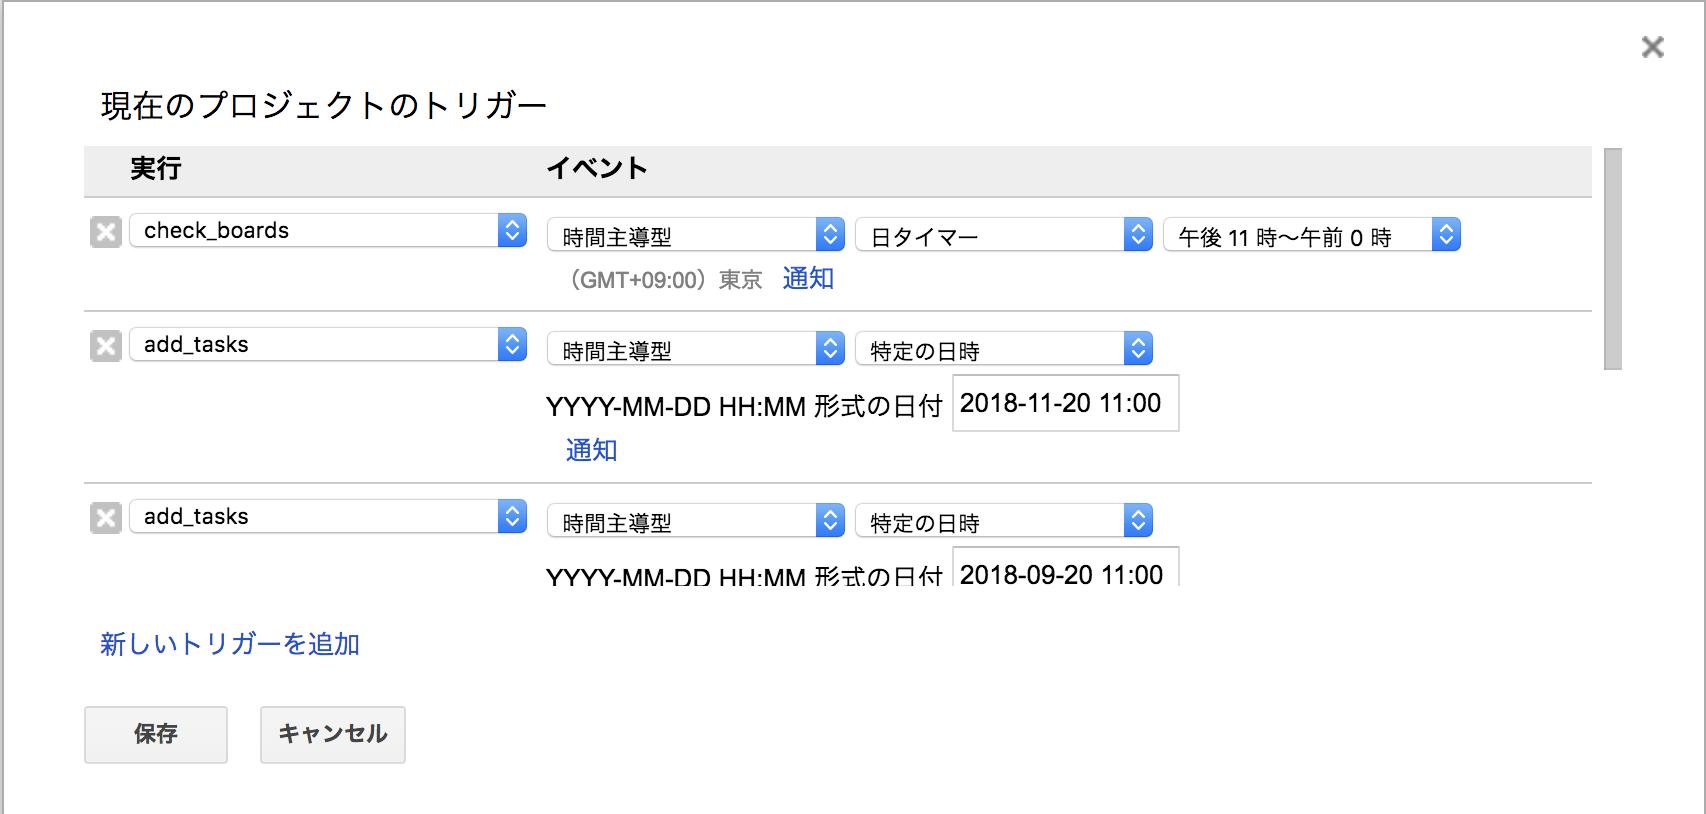 スクリーンショット 2018-09-10 13.07.33.png